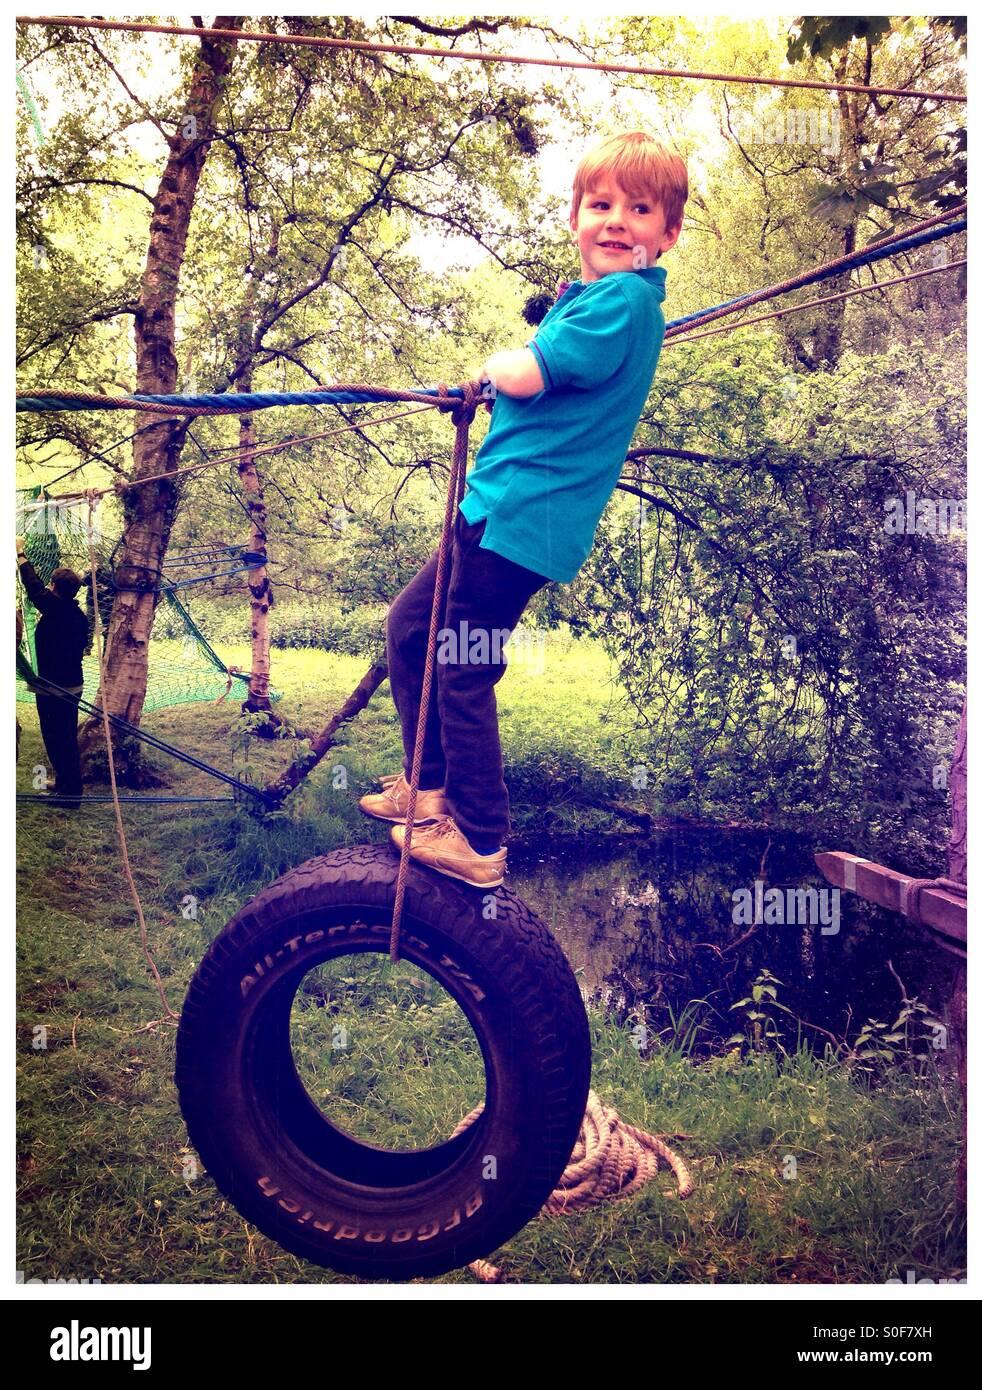 Chico colgando de una cuerda y el neumático. Curso de aventura. Assault Course. Woodland juegos Imagen De Stock